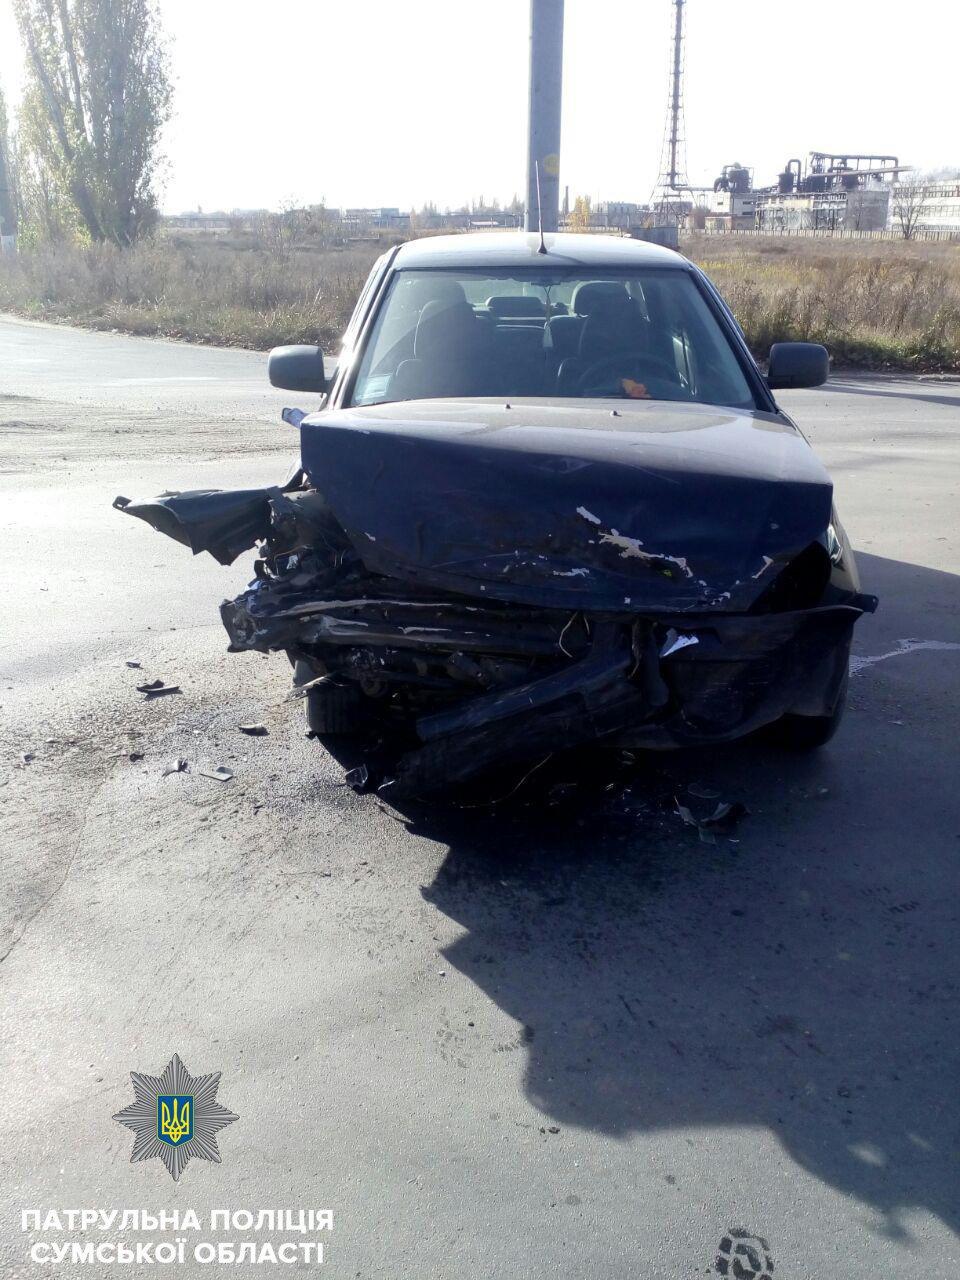 В результате ДТП в Сумах пострадал мужчина и ребенок, фото-1